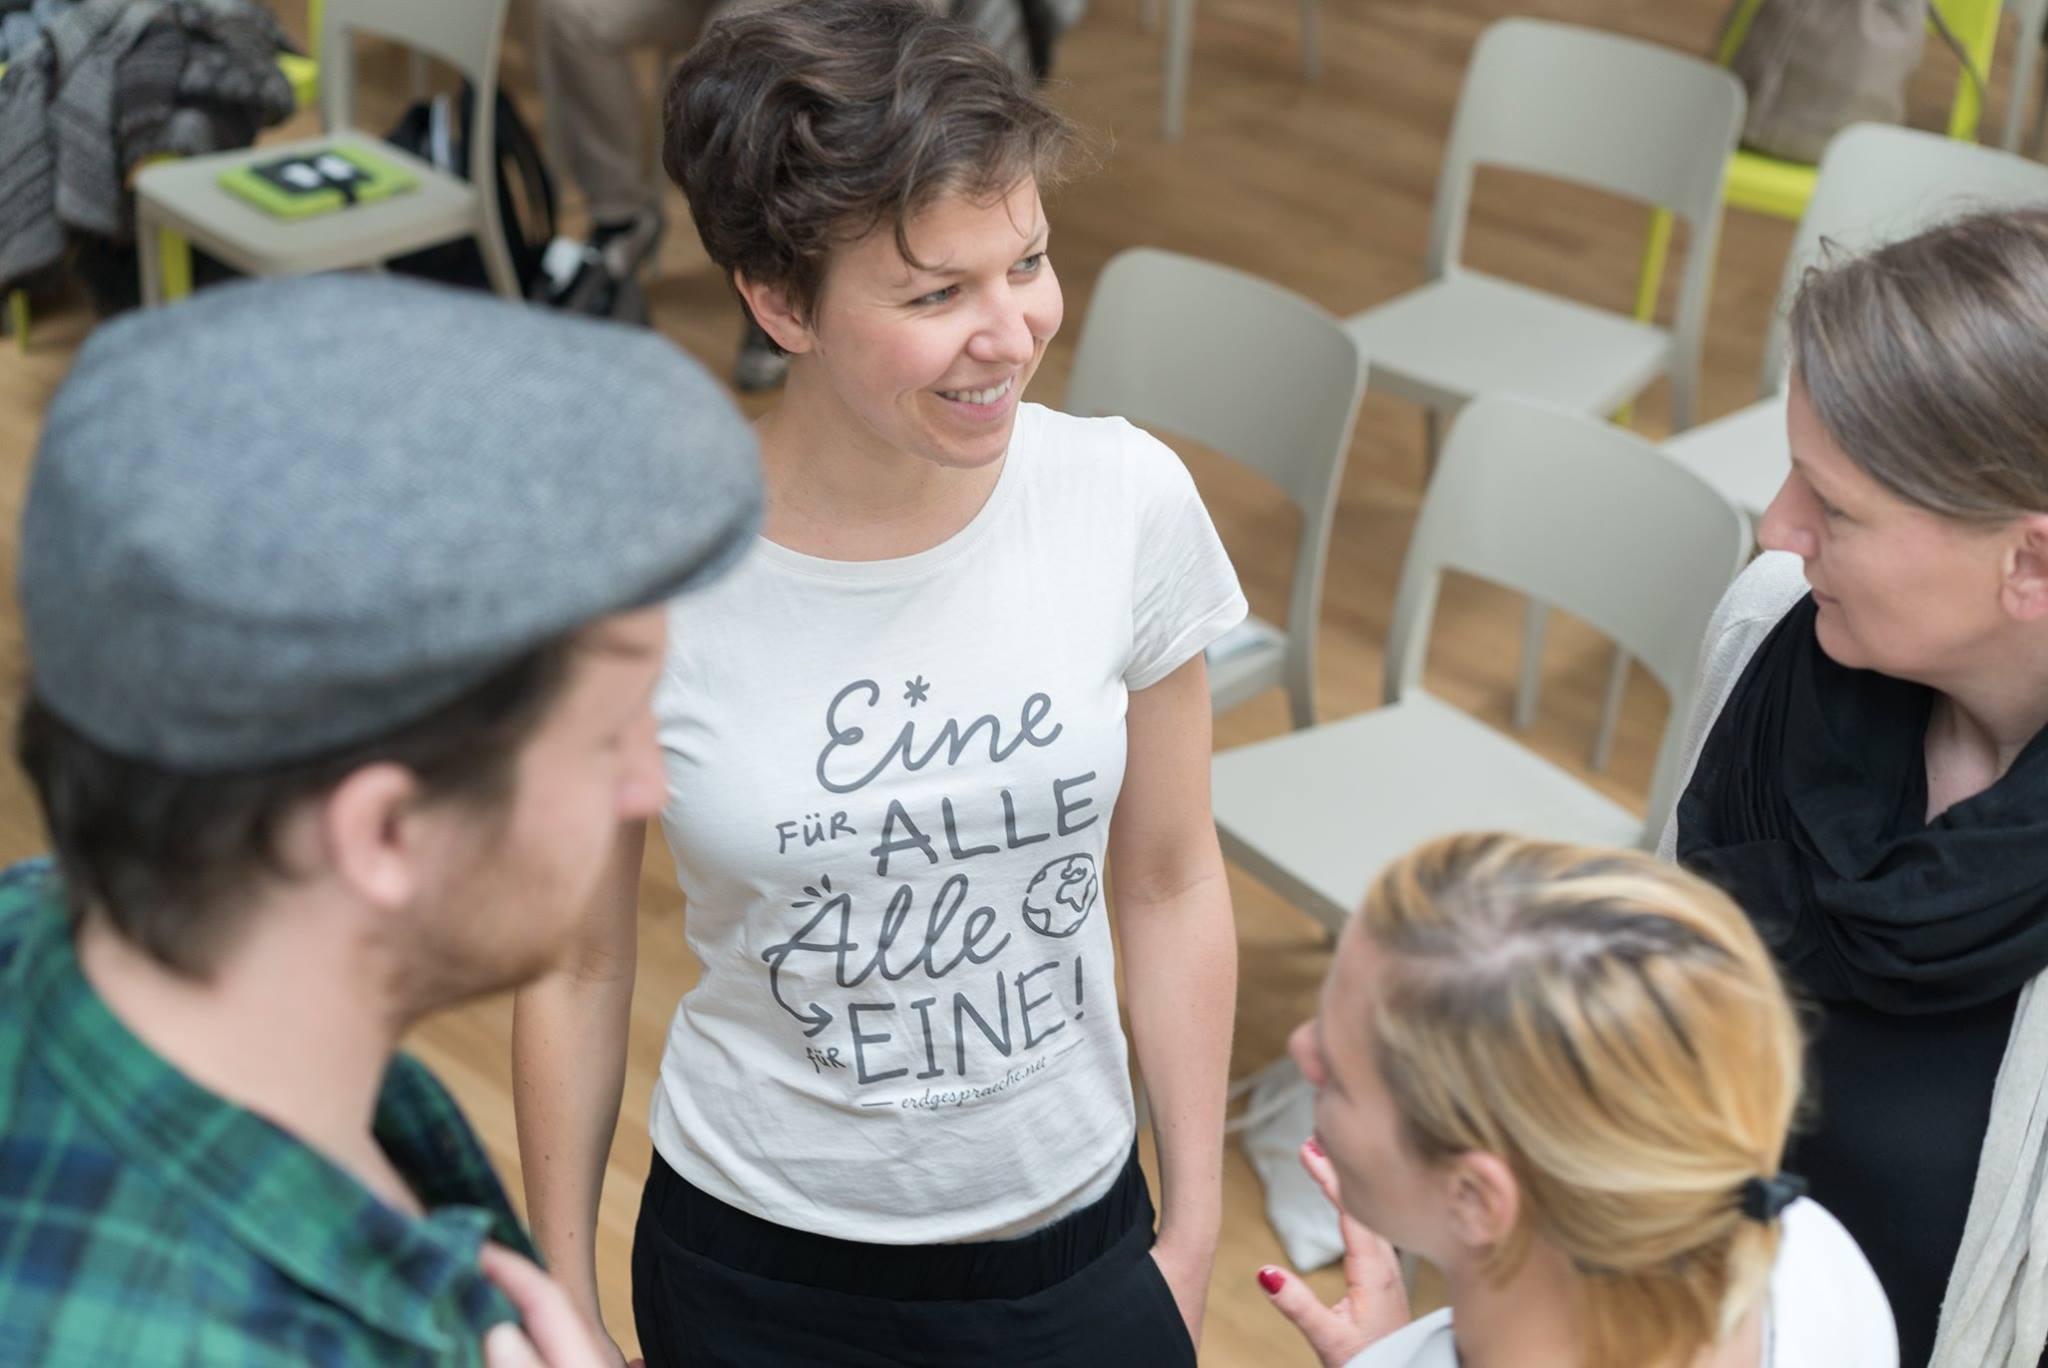 Mit Gleichgesinnten geht alles einfacher © Impact HUB Vienna